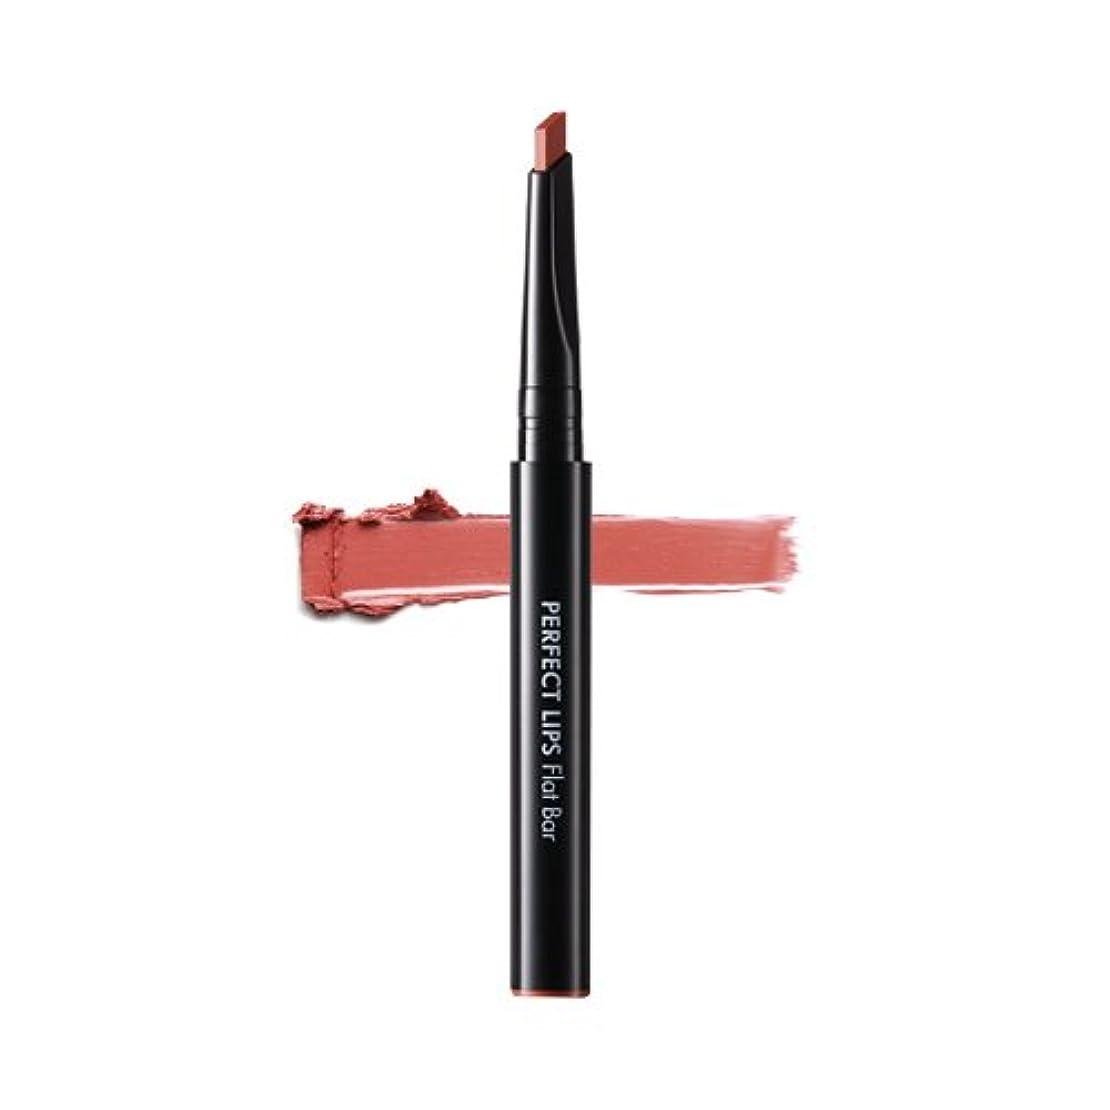 放射性戸棚ナチュラル[New] TONYMOLY Perfect Lips Flat Bar 0.3g/トニーモリー パーフェクト リップス フラット バー 0.3g (#05 Vintage Coral) [並行輸入品]